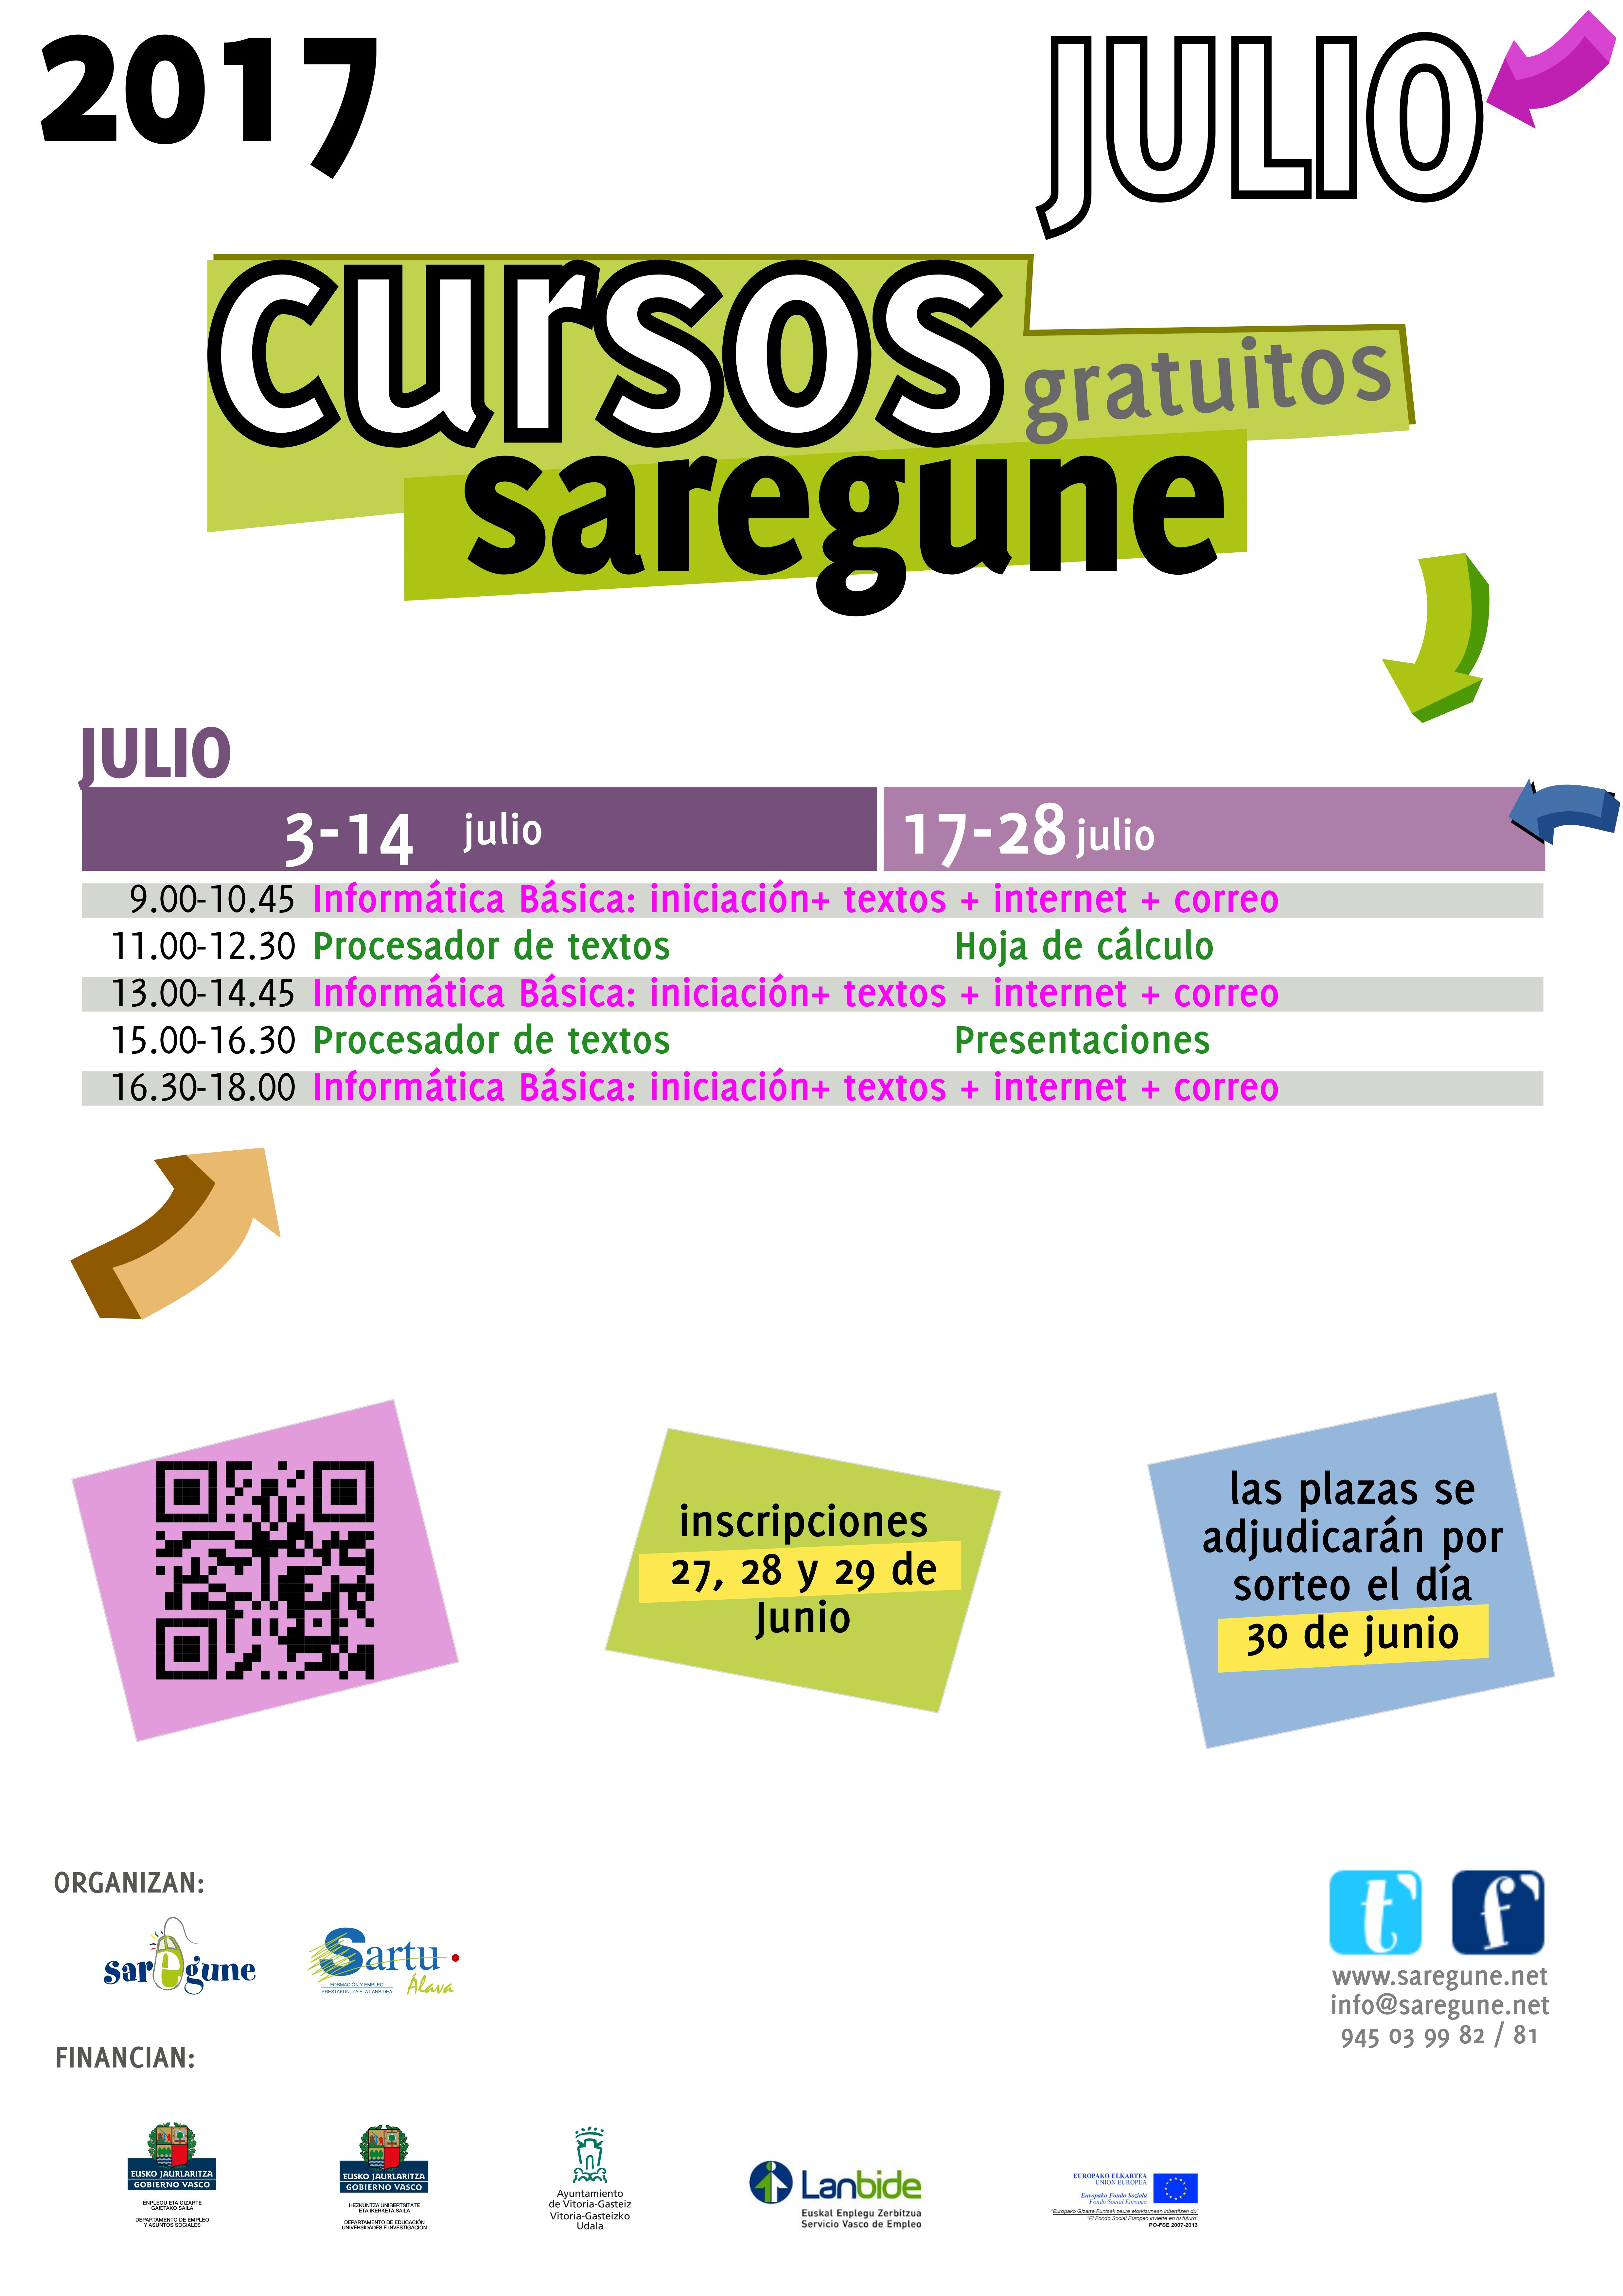 2017_julio_cursos_saregune